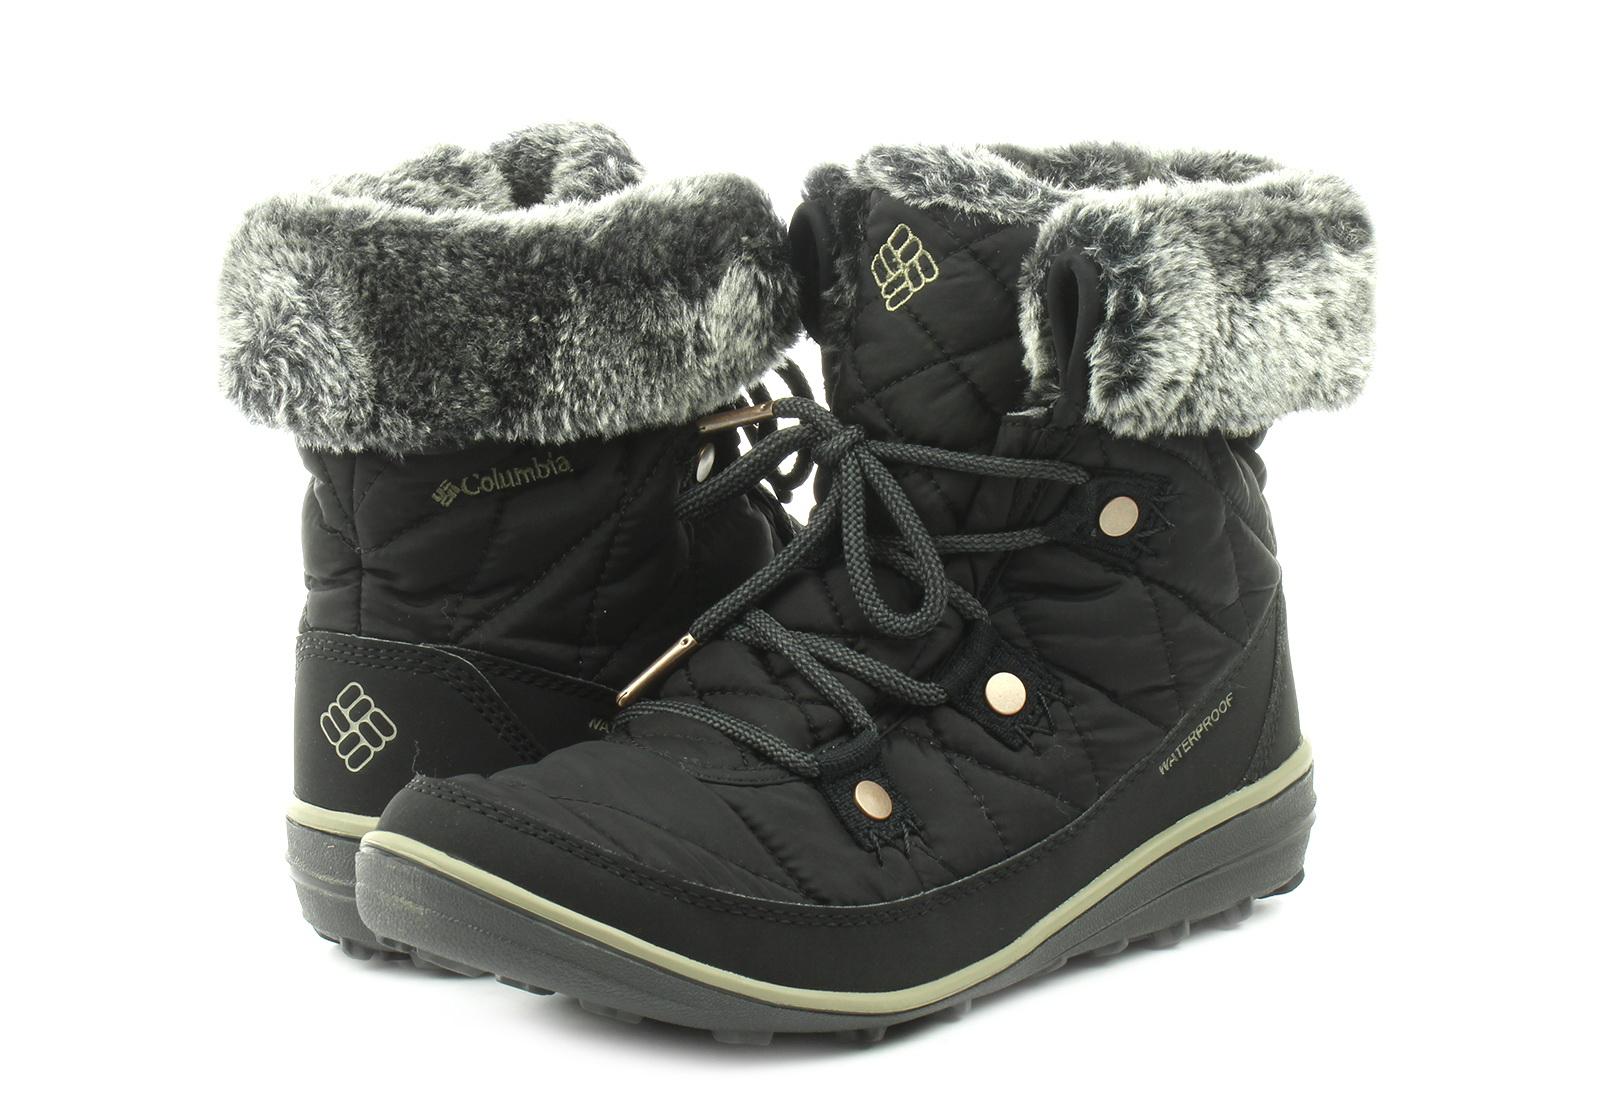 Columbia Vysoké Topánky, Čižmy Heavenly™ Shorty Omni - Heat™